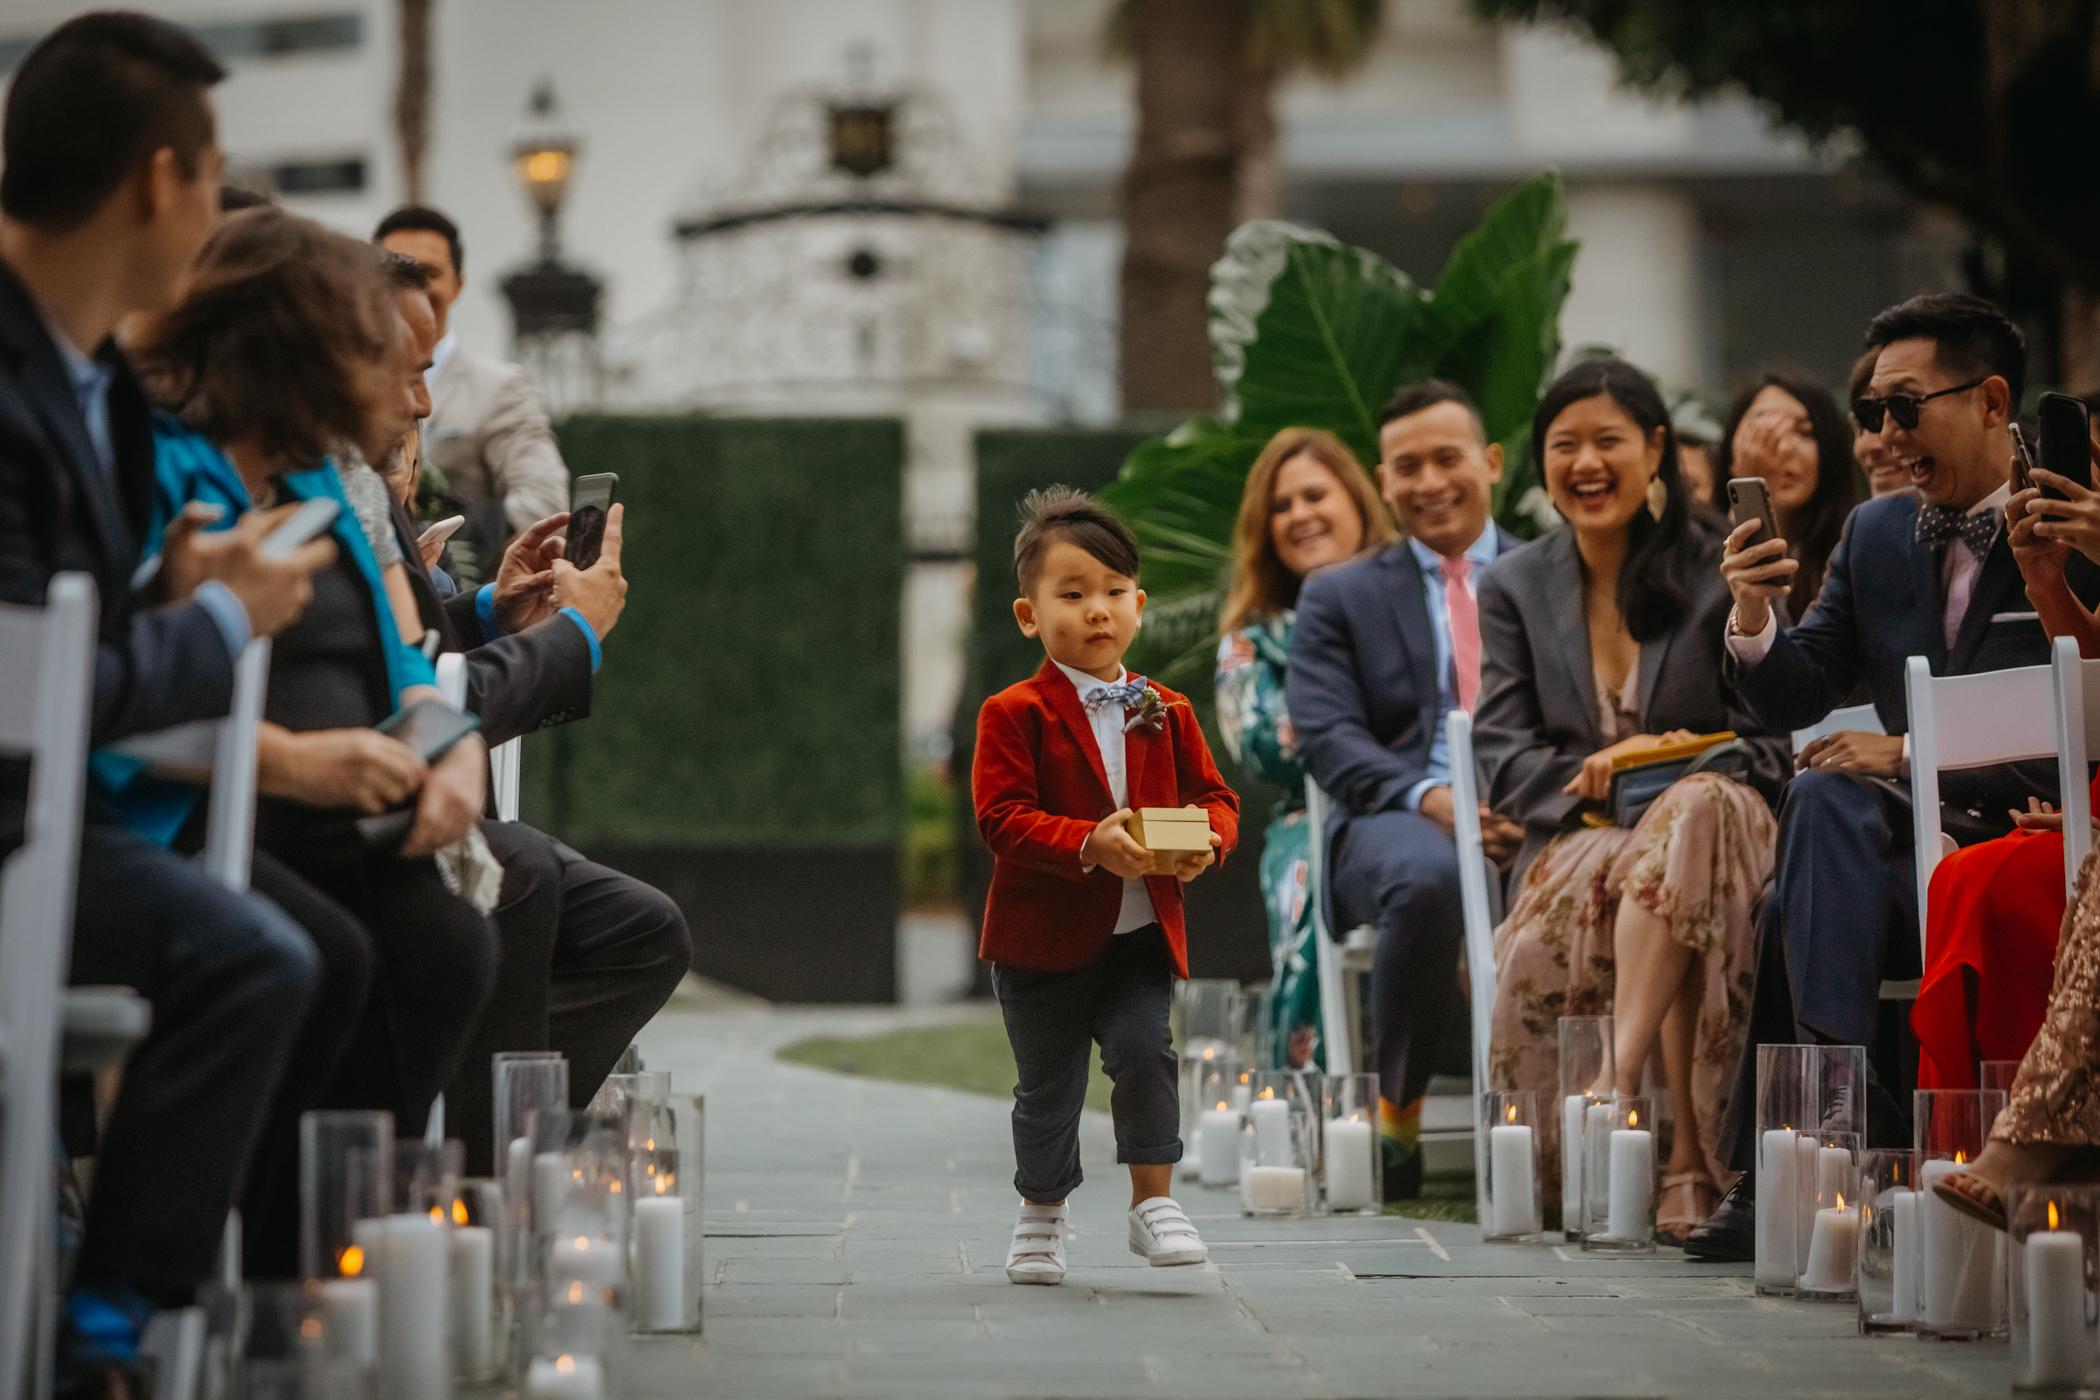 Los_Angeles_WEDDING